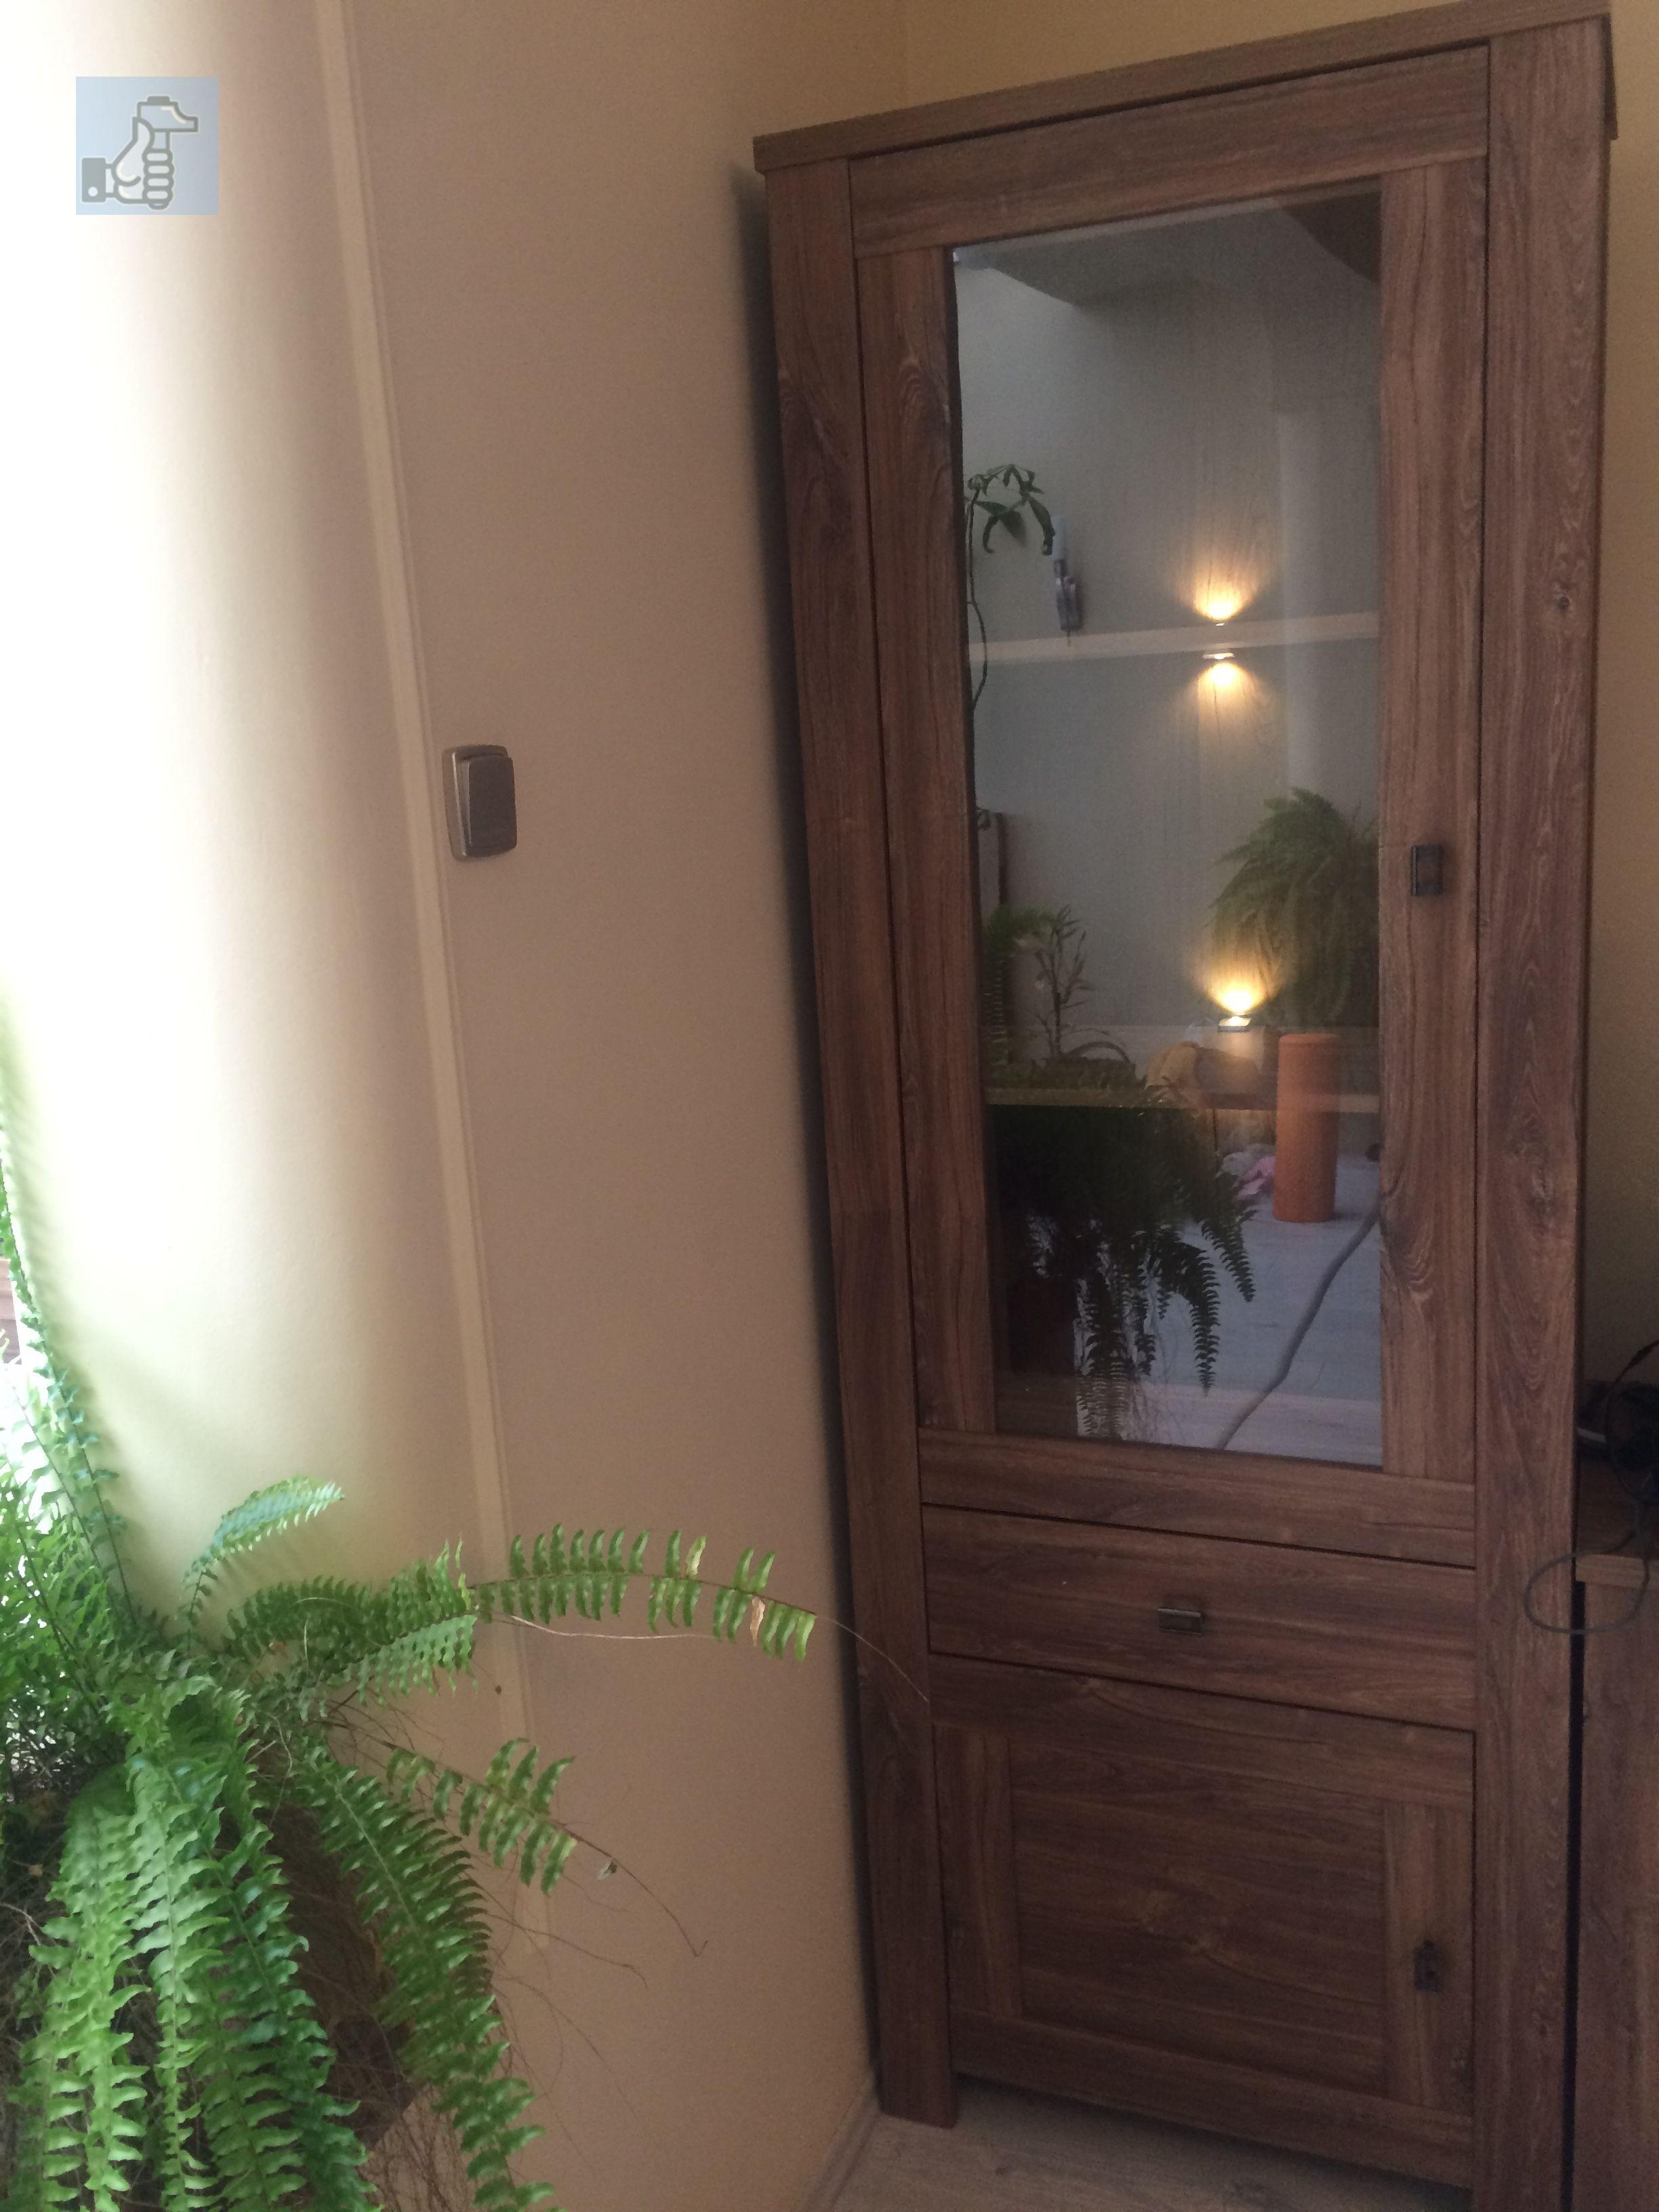 Lapra szerelt vitrines szekrény beépített világítással. Ez a ...